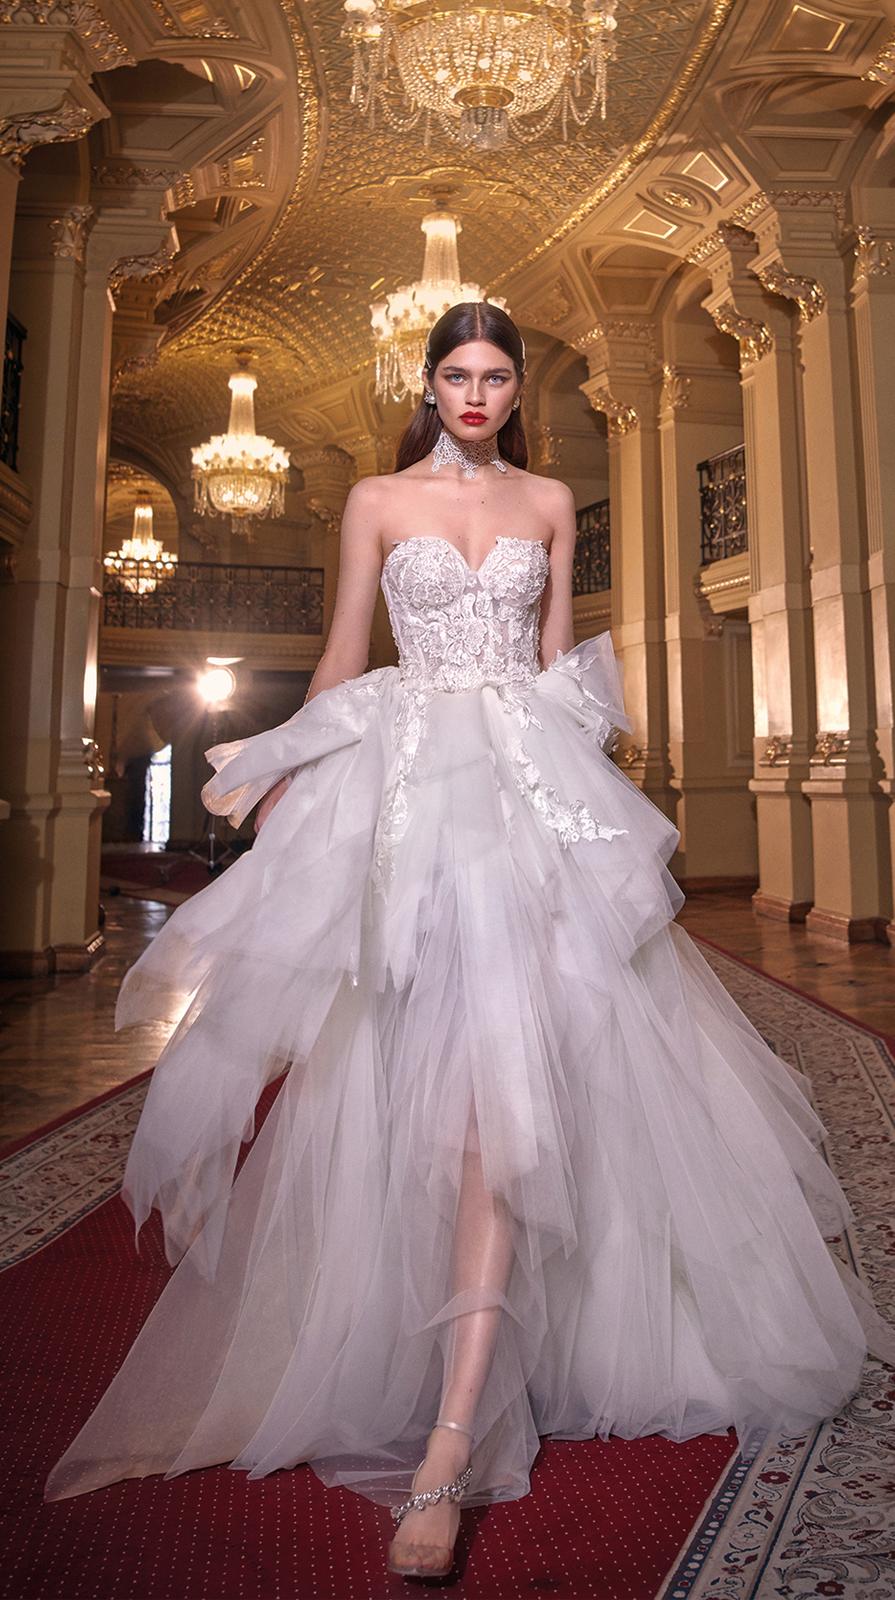 Oscar De La Renta Wedding Dresses.Tempting Wedding Dresses Oscar De La Renta Vera Wang And